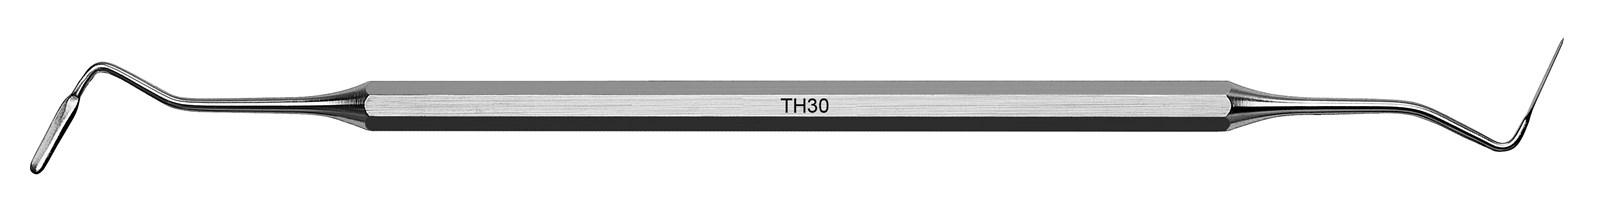 Periotom - TH30, ADEP tmavě modrý